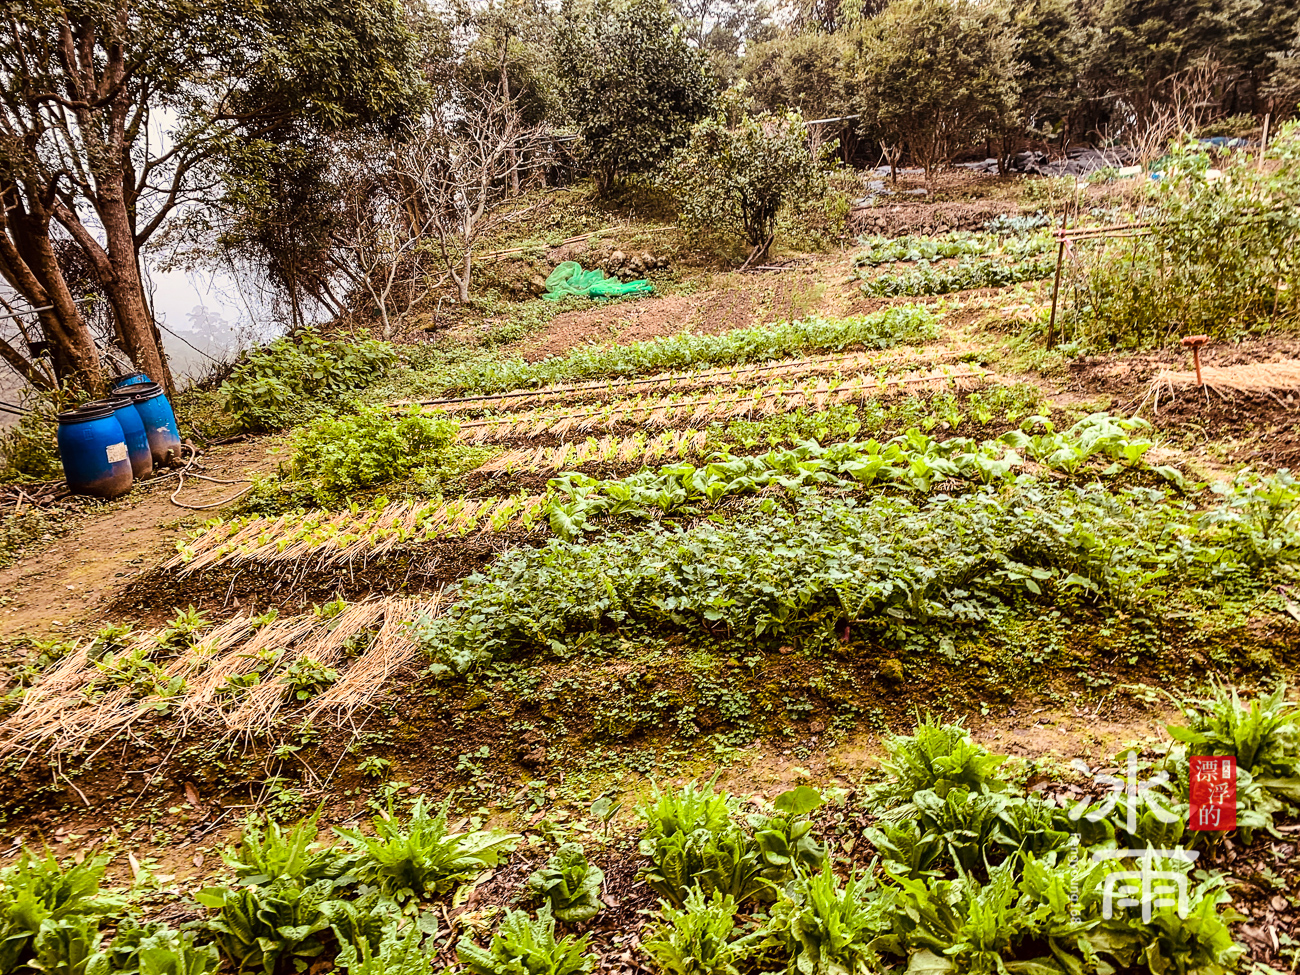 獅山古道|獅頭山風景區|菜園